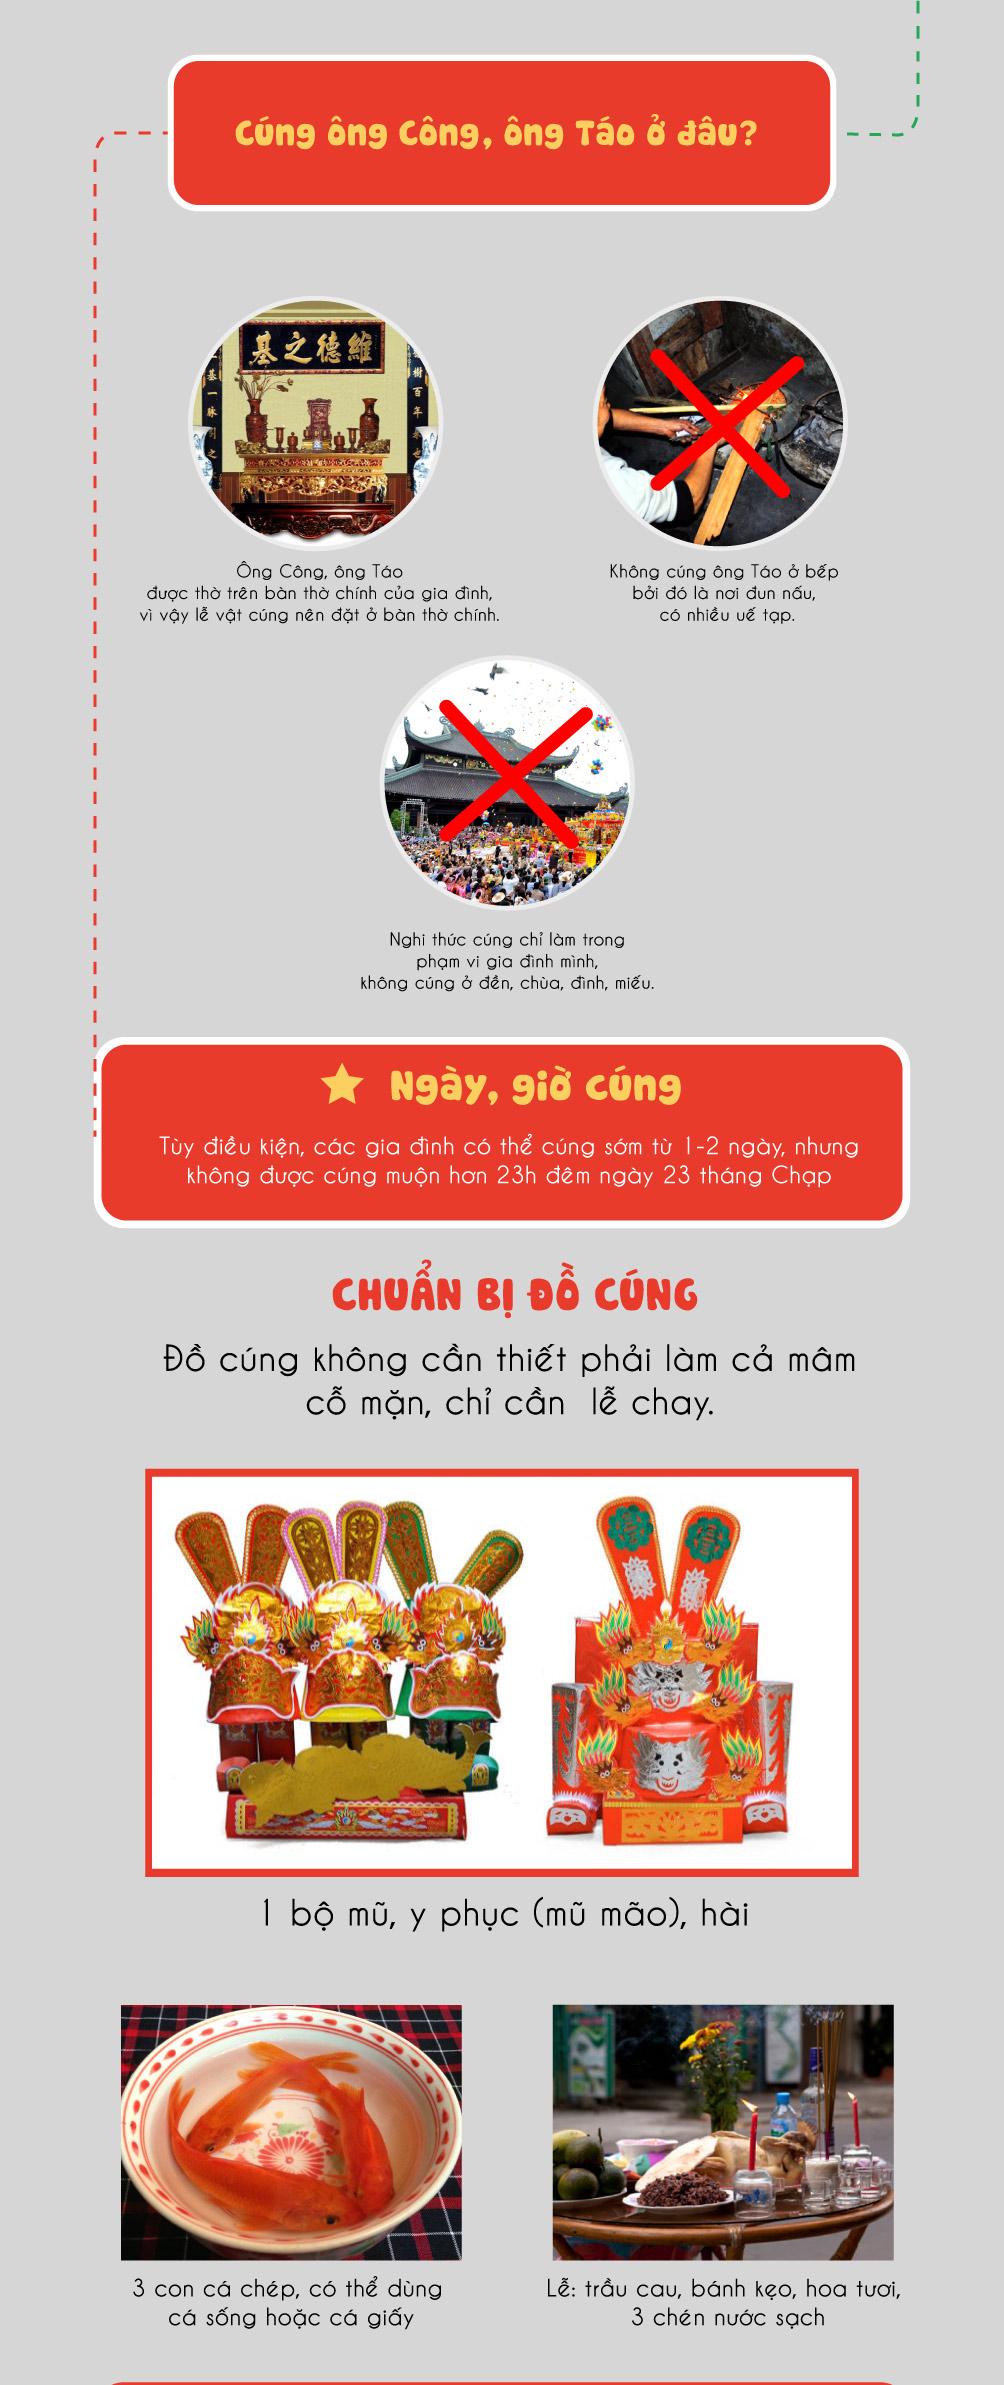 [Infographic] Những điều cần phải nhớ khi cúng ông Công, ông Táo - 2